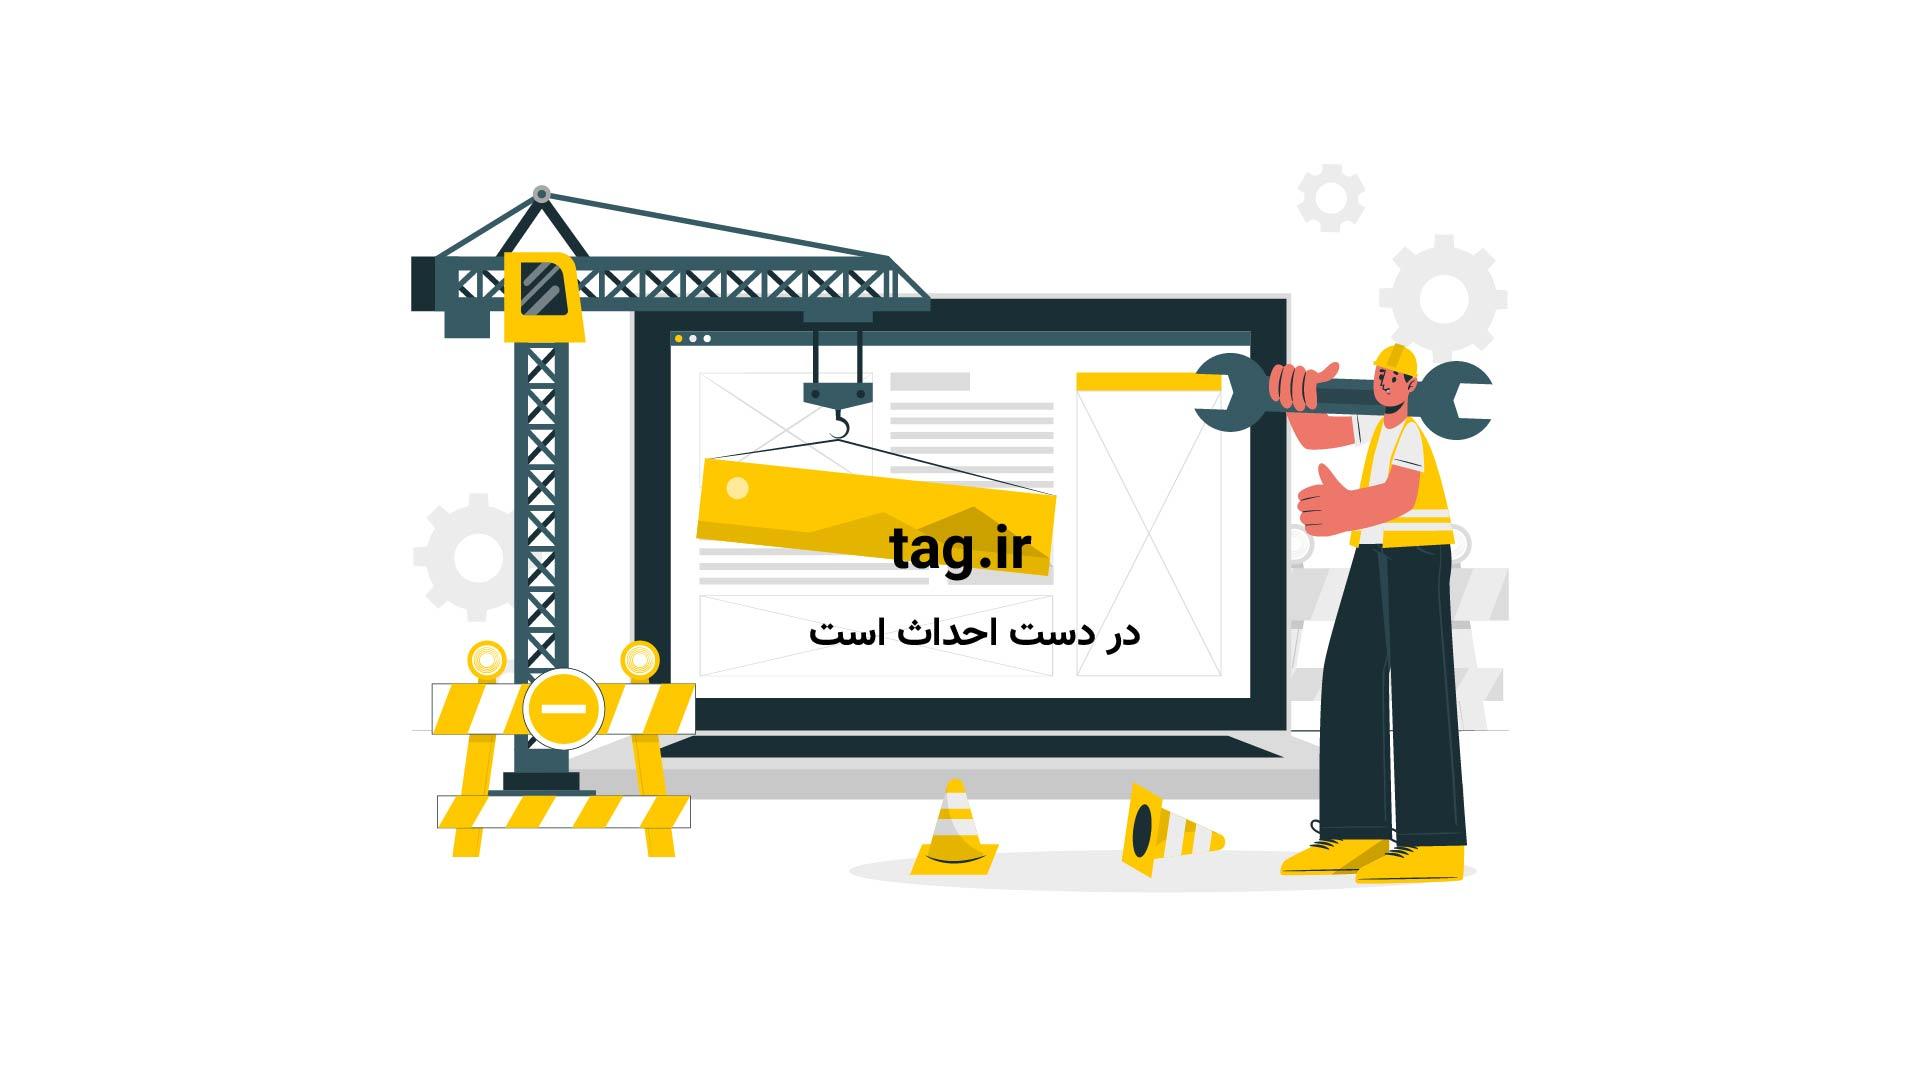 انیمیشن گربه سایمون؛ این قسمت کریسمس | فیلم